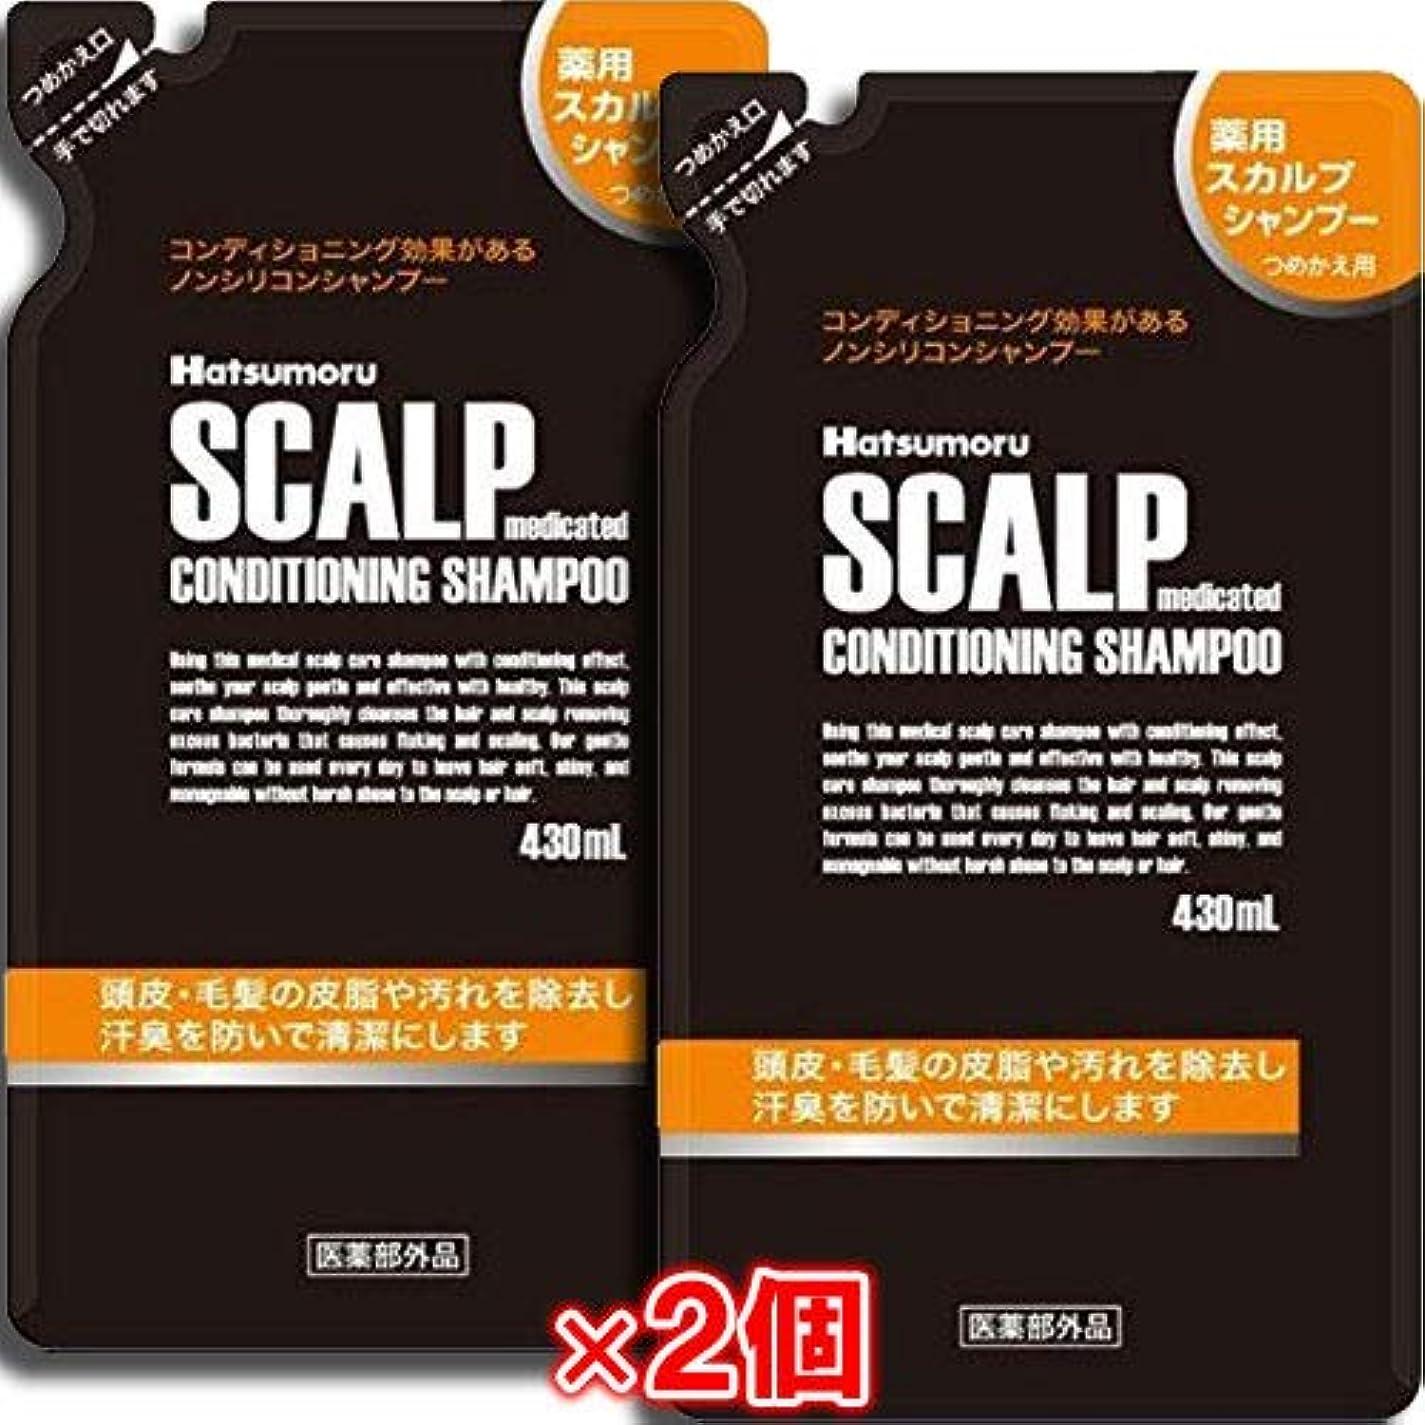 【2個セット】ハツモール 薬用スカルプシャンプー 詰替用 430mL